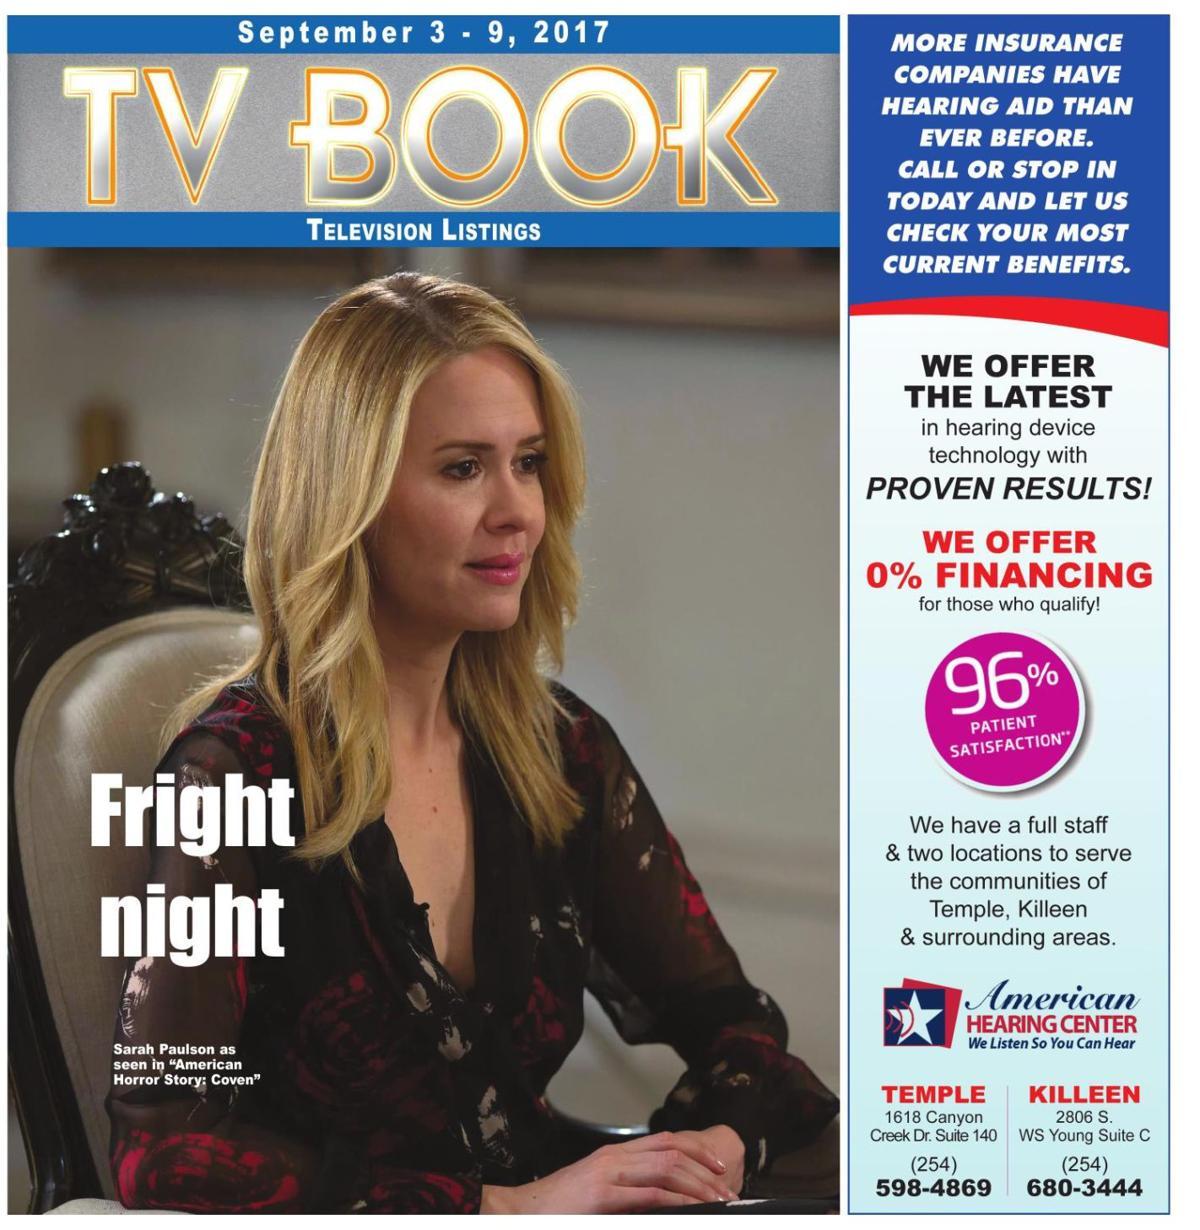 TV Book September 3rd - September 9th